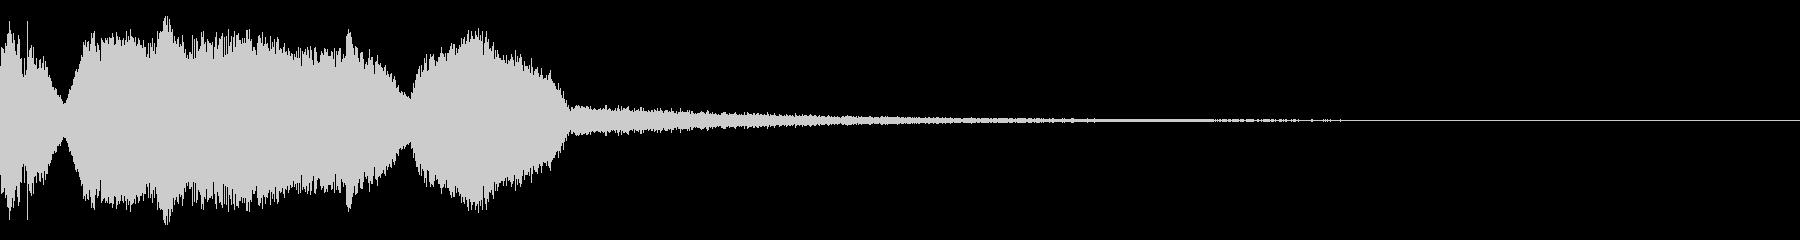 DJFX ヒットチャート発表前SE 16の未再生の波形